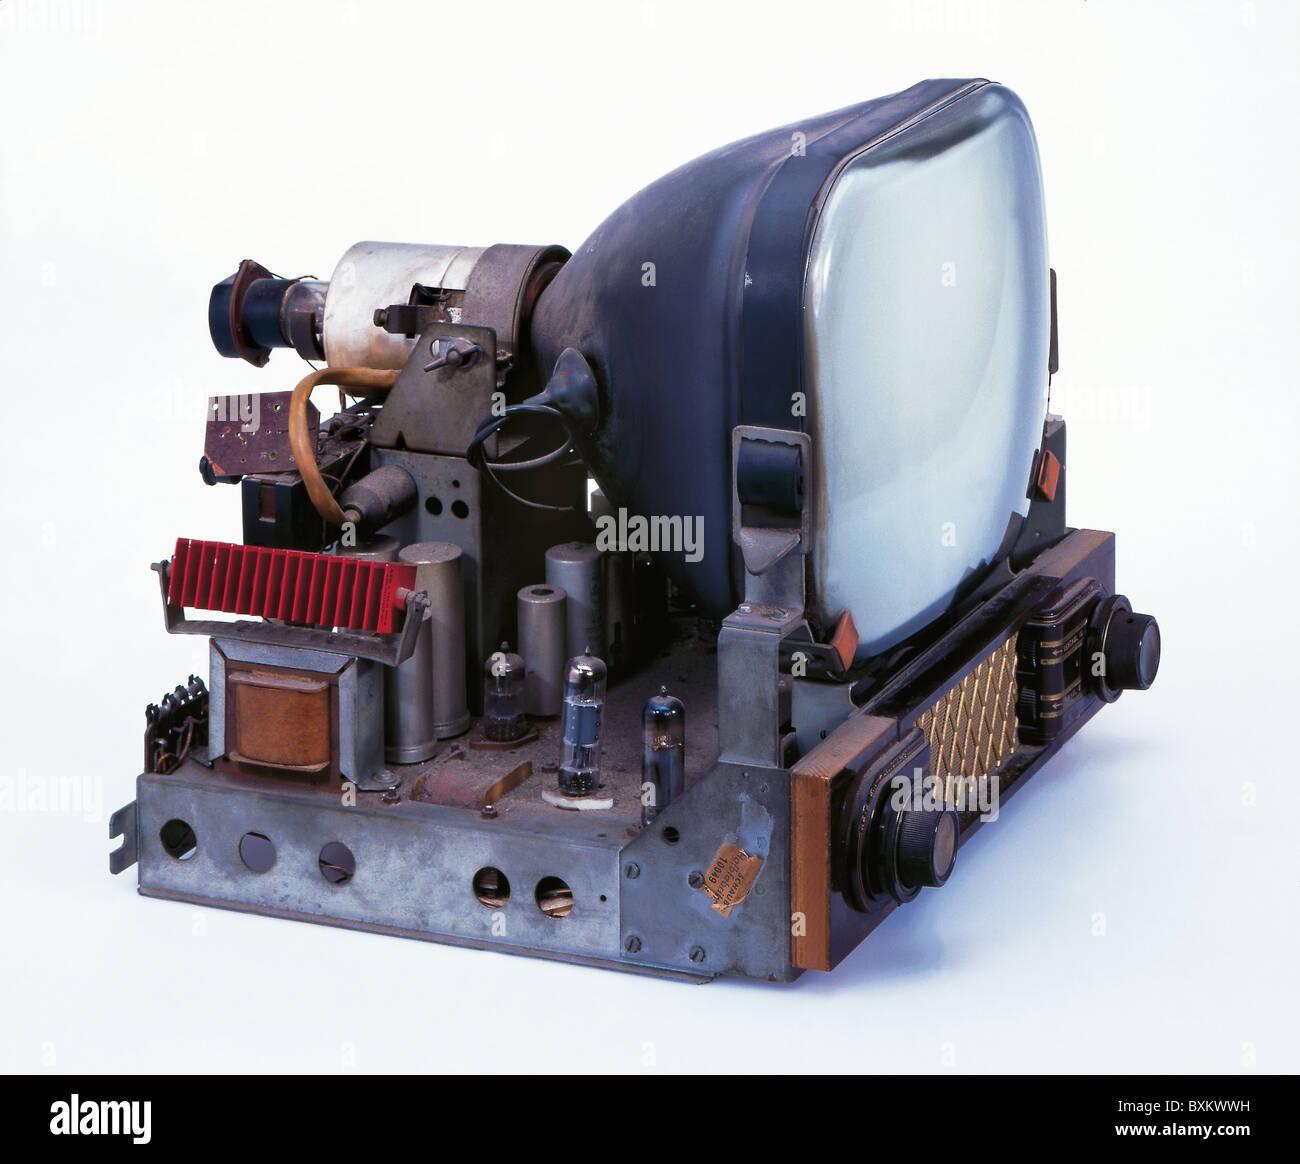 Télévision / diffusion, téléviseurs, illustra Schaub FE T, châssis sans cas, Allemagne, Photo Stock